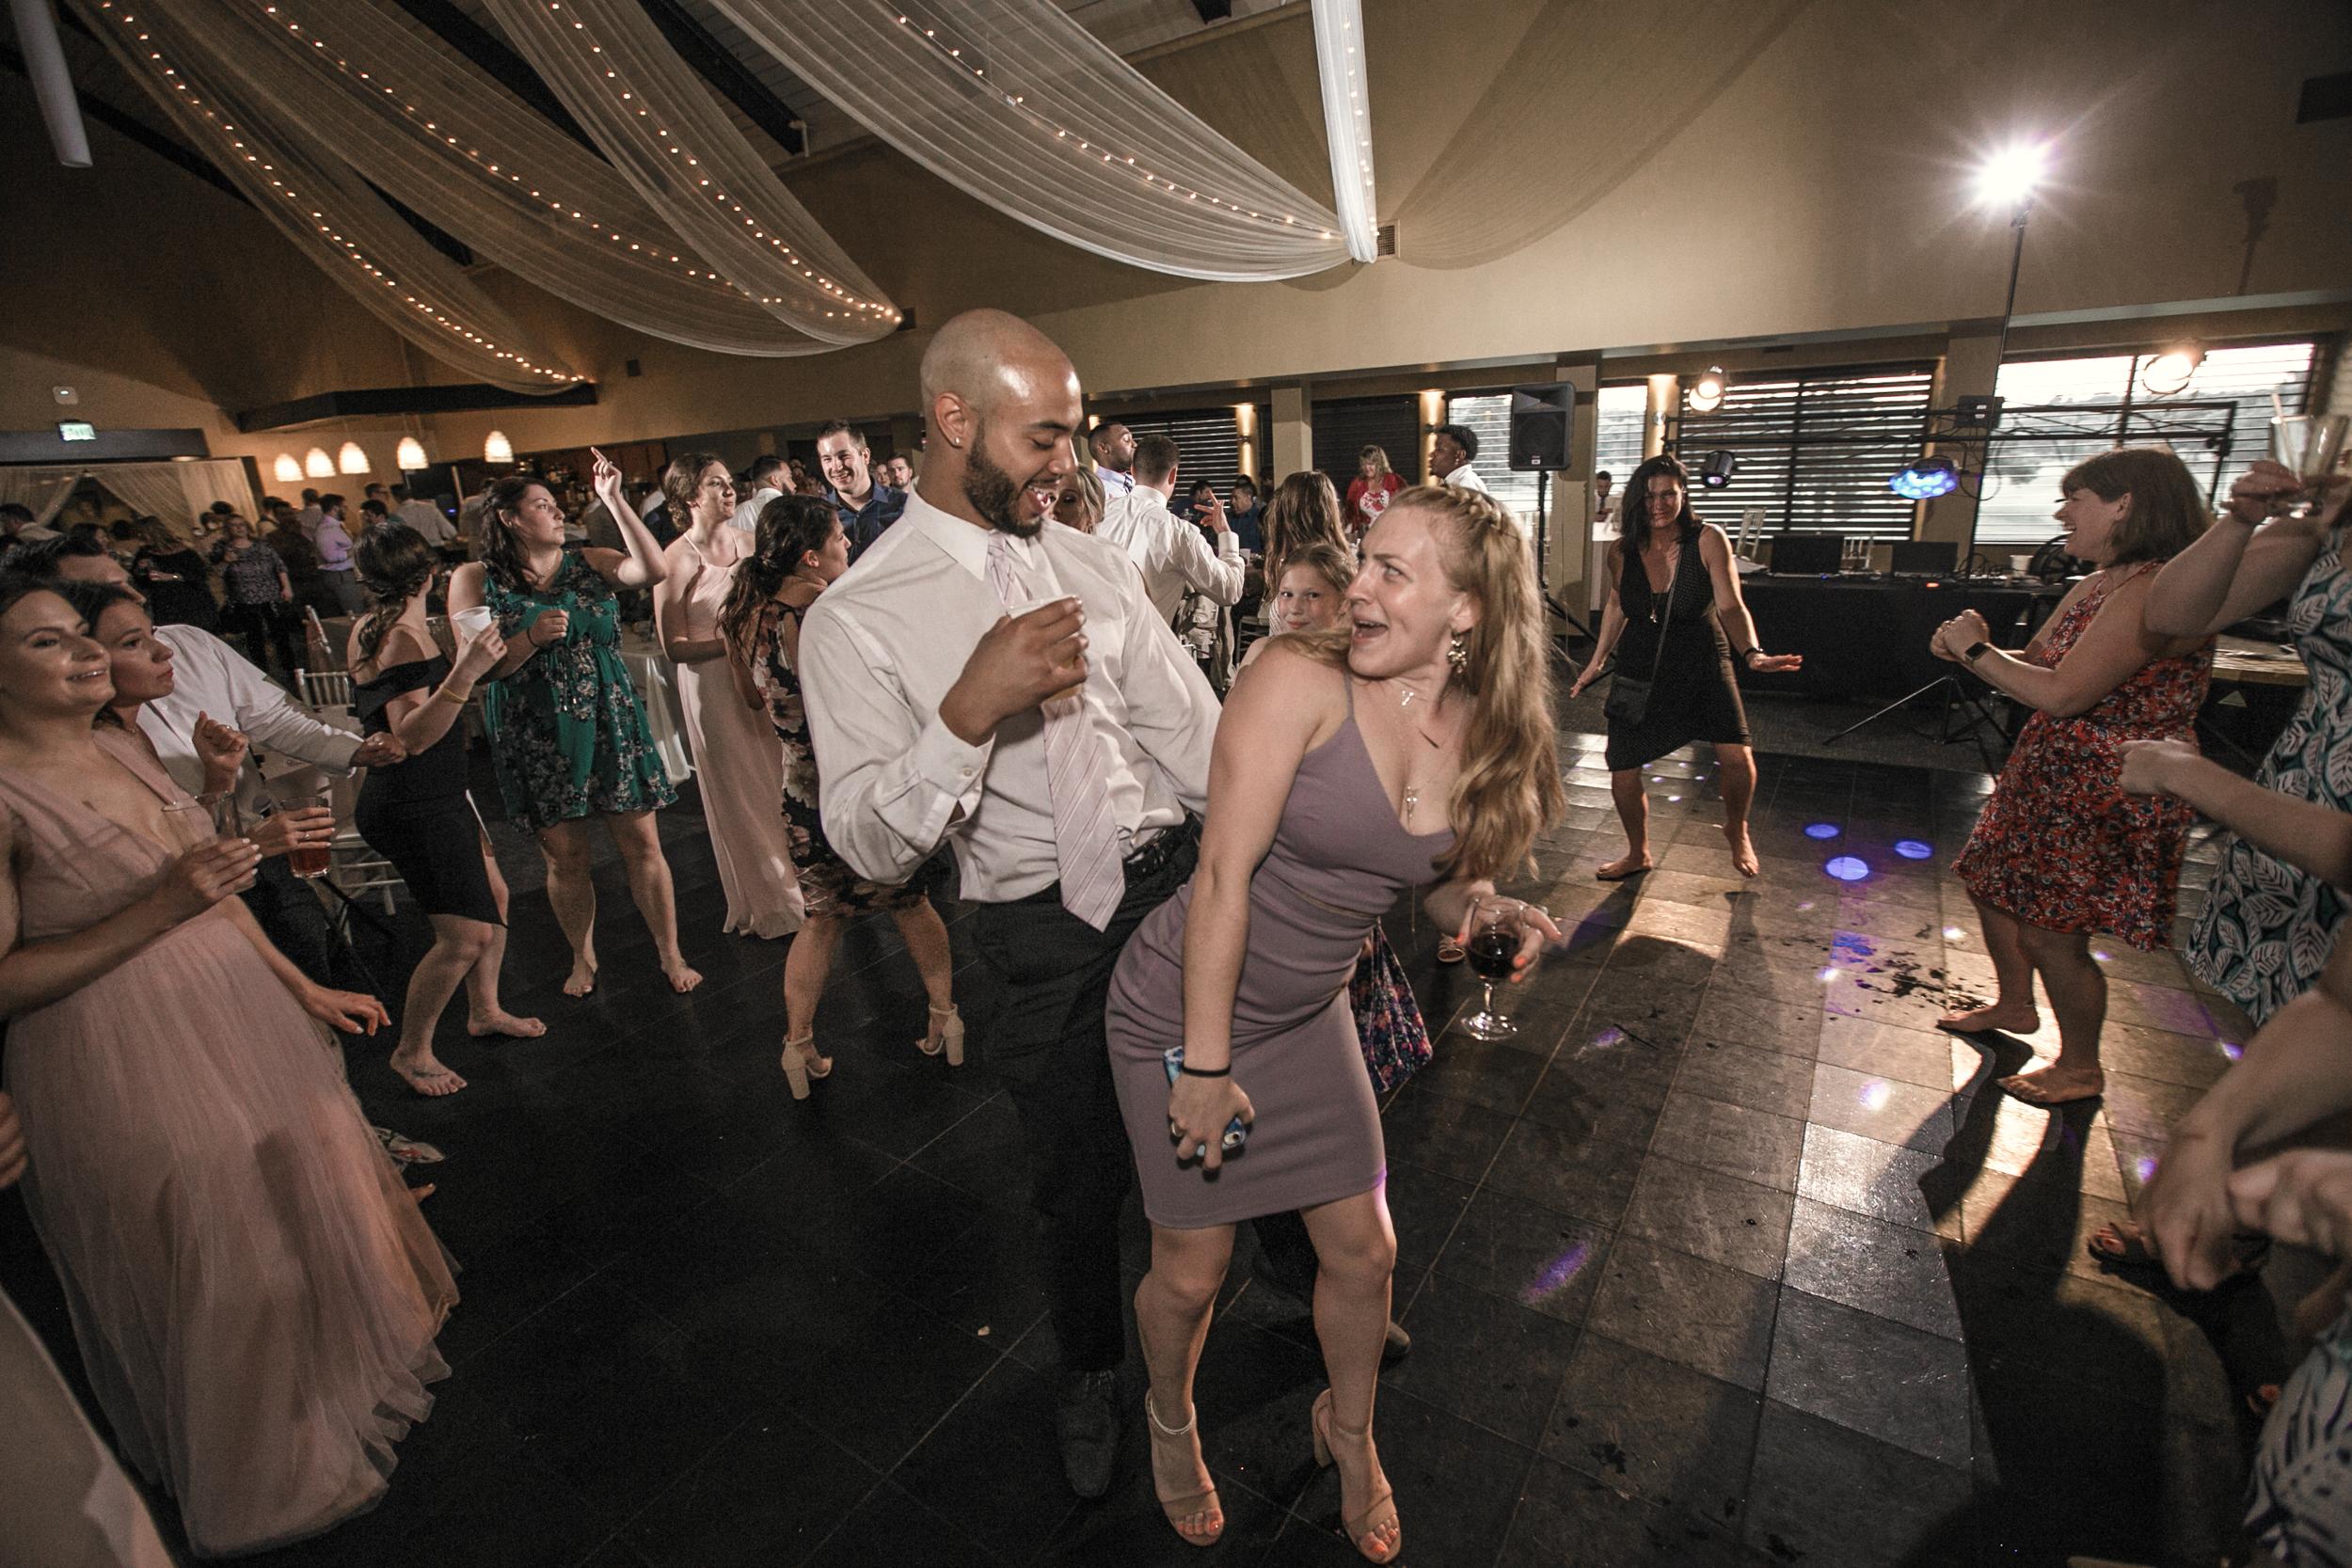 dellwood country club wedding*, Dellwood Country Club*, golf course wedding*, green golf course*, rose pink wedding details*-www.rachelsmak.com95.jpg